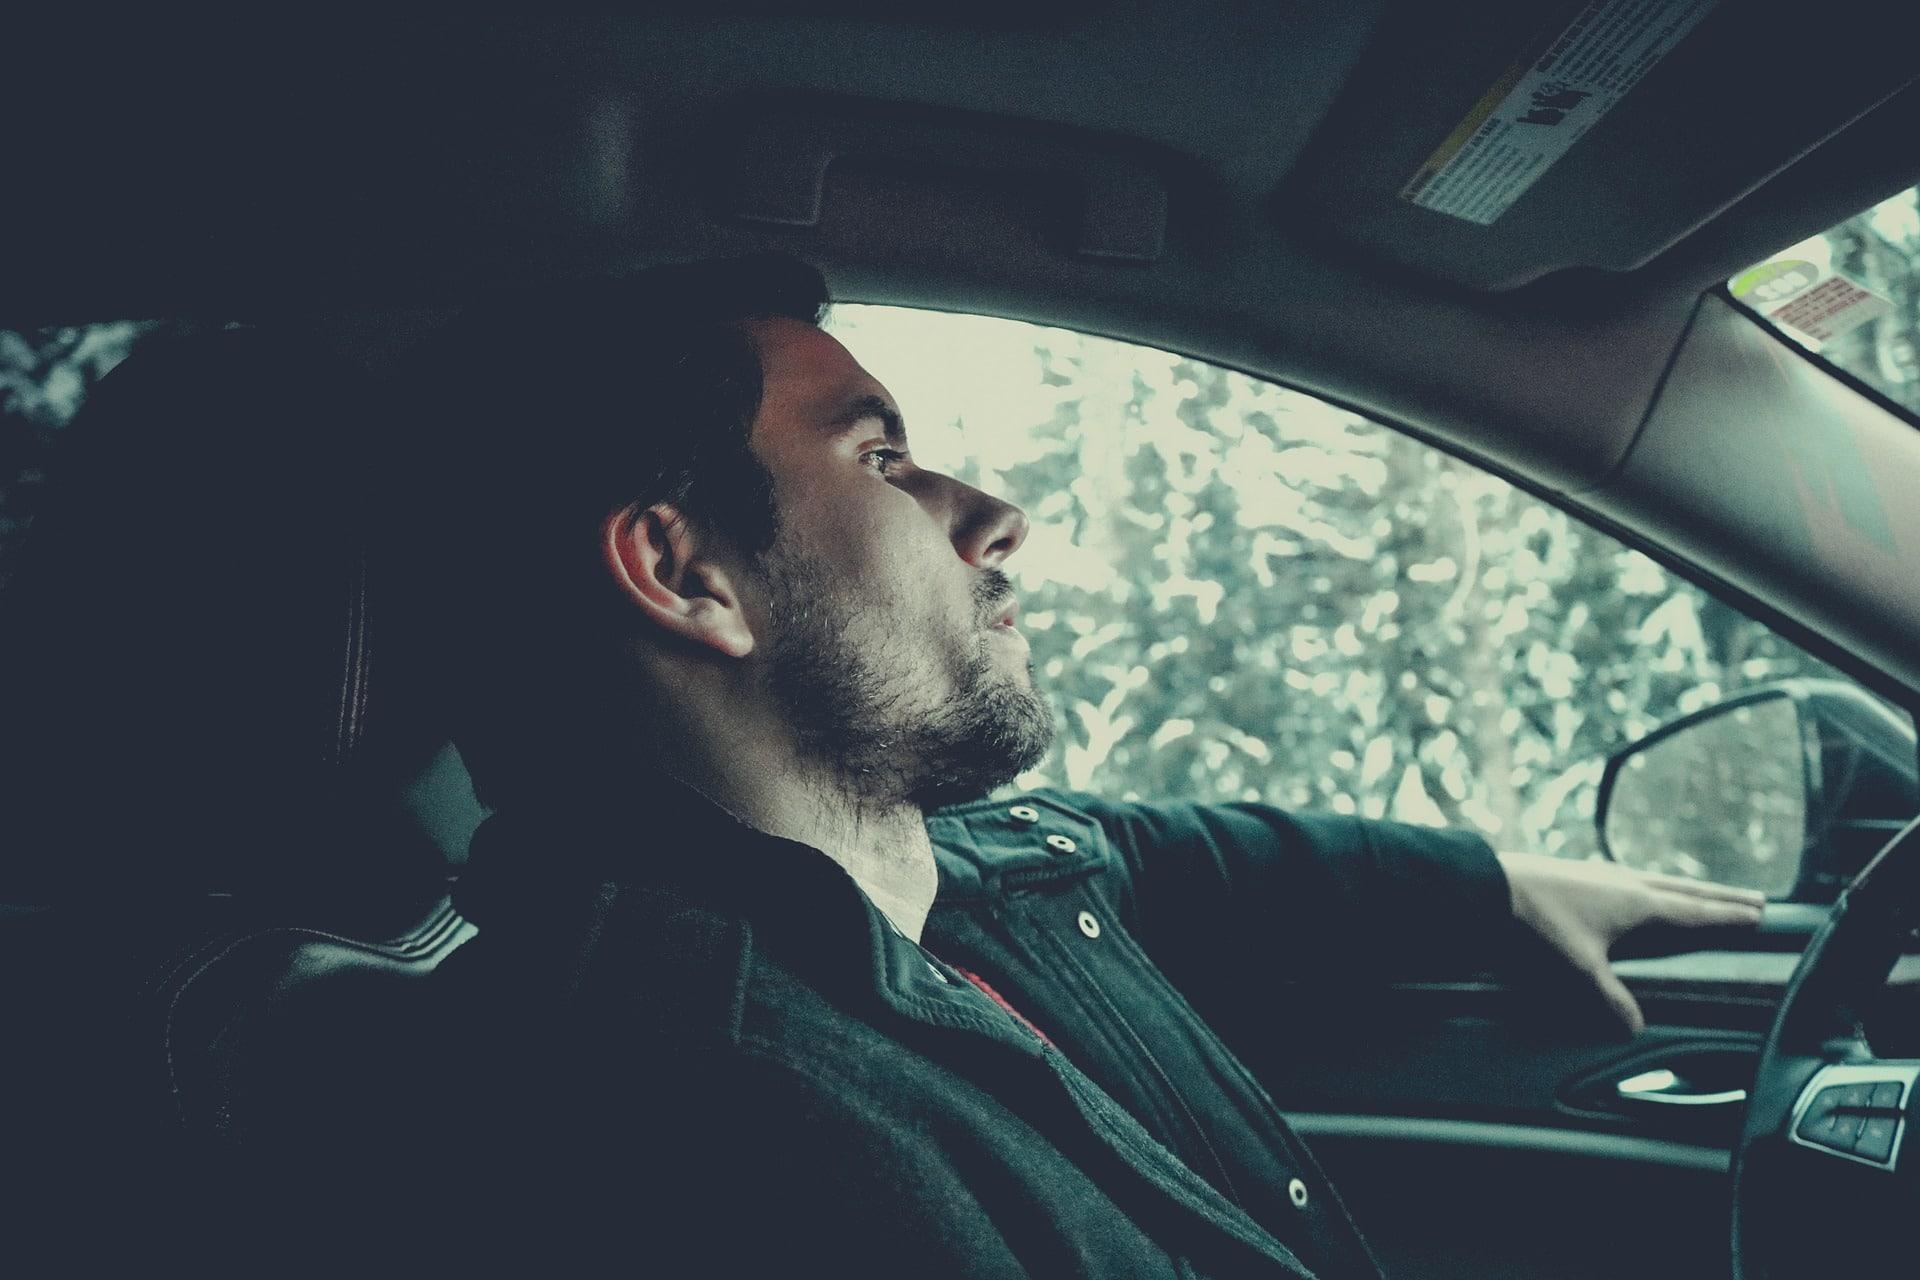 mężczyzna podróżujący samochodem osłabiony przez wilgoć